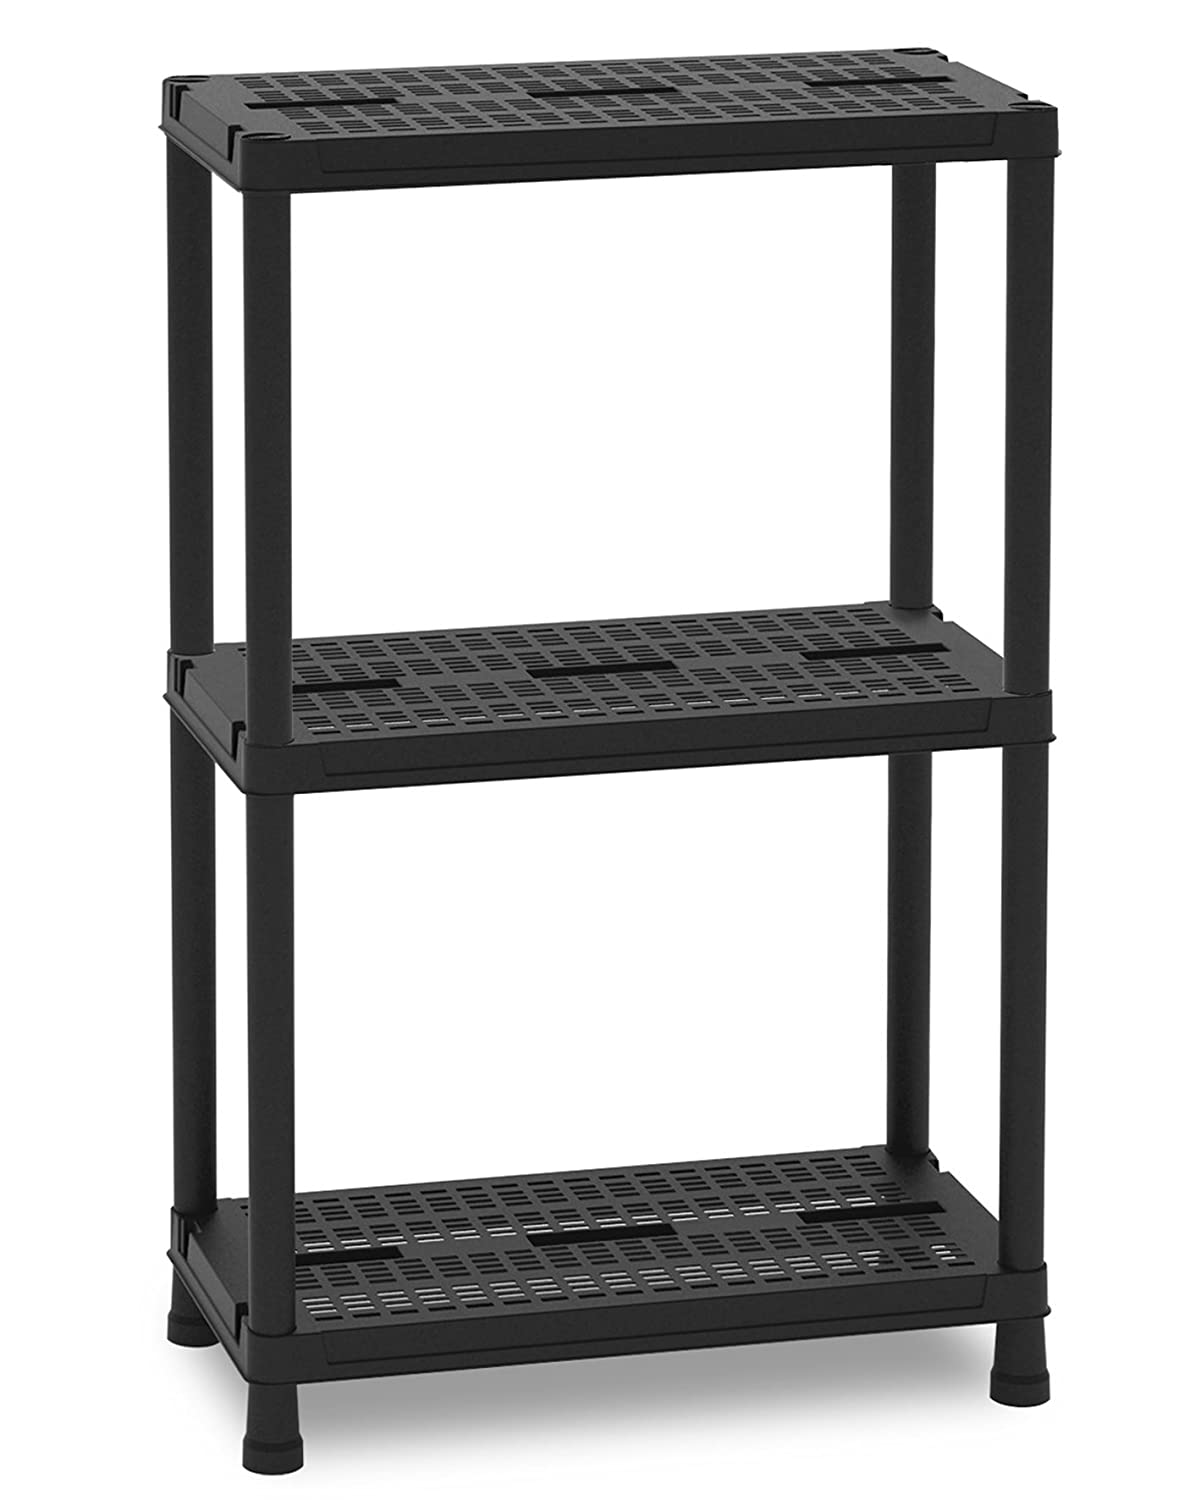 Ikea Scaffali Componibili Acciaio.Amazon It Scaffalature E Ripiani Di Immagazzinaggio Casa E Cucina